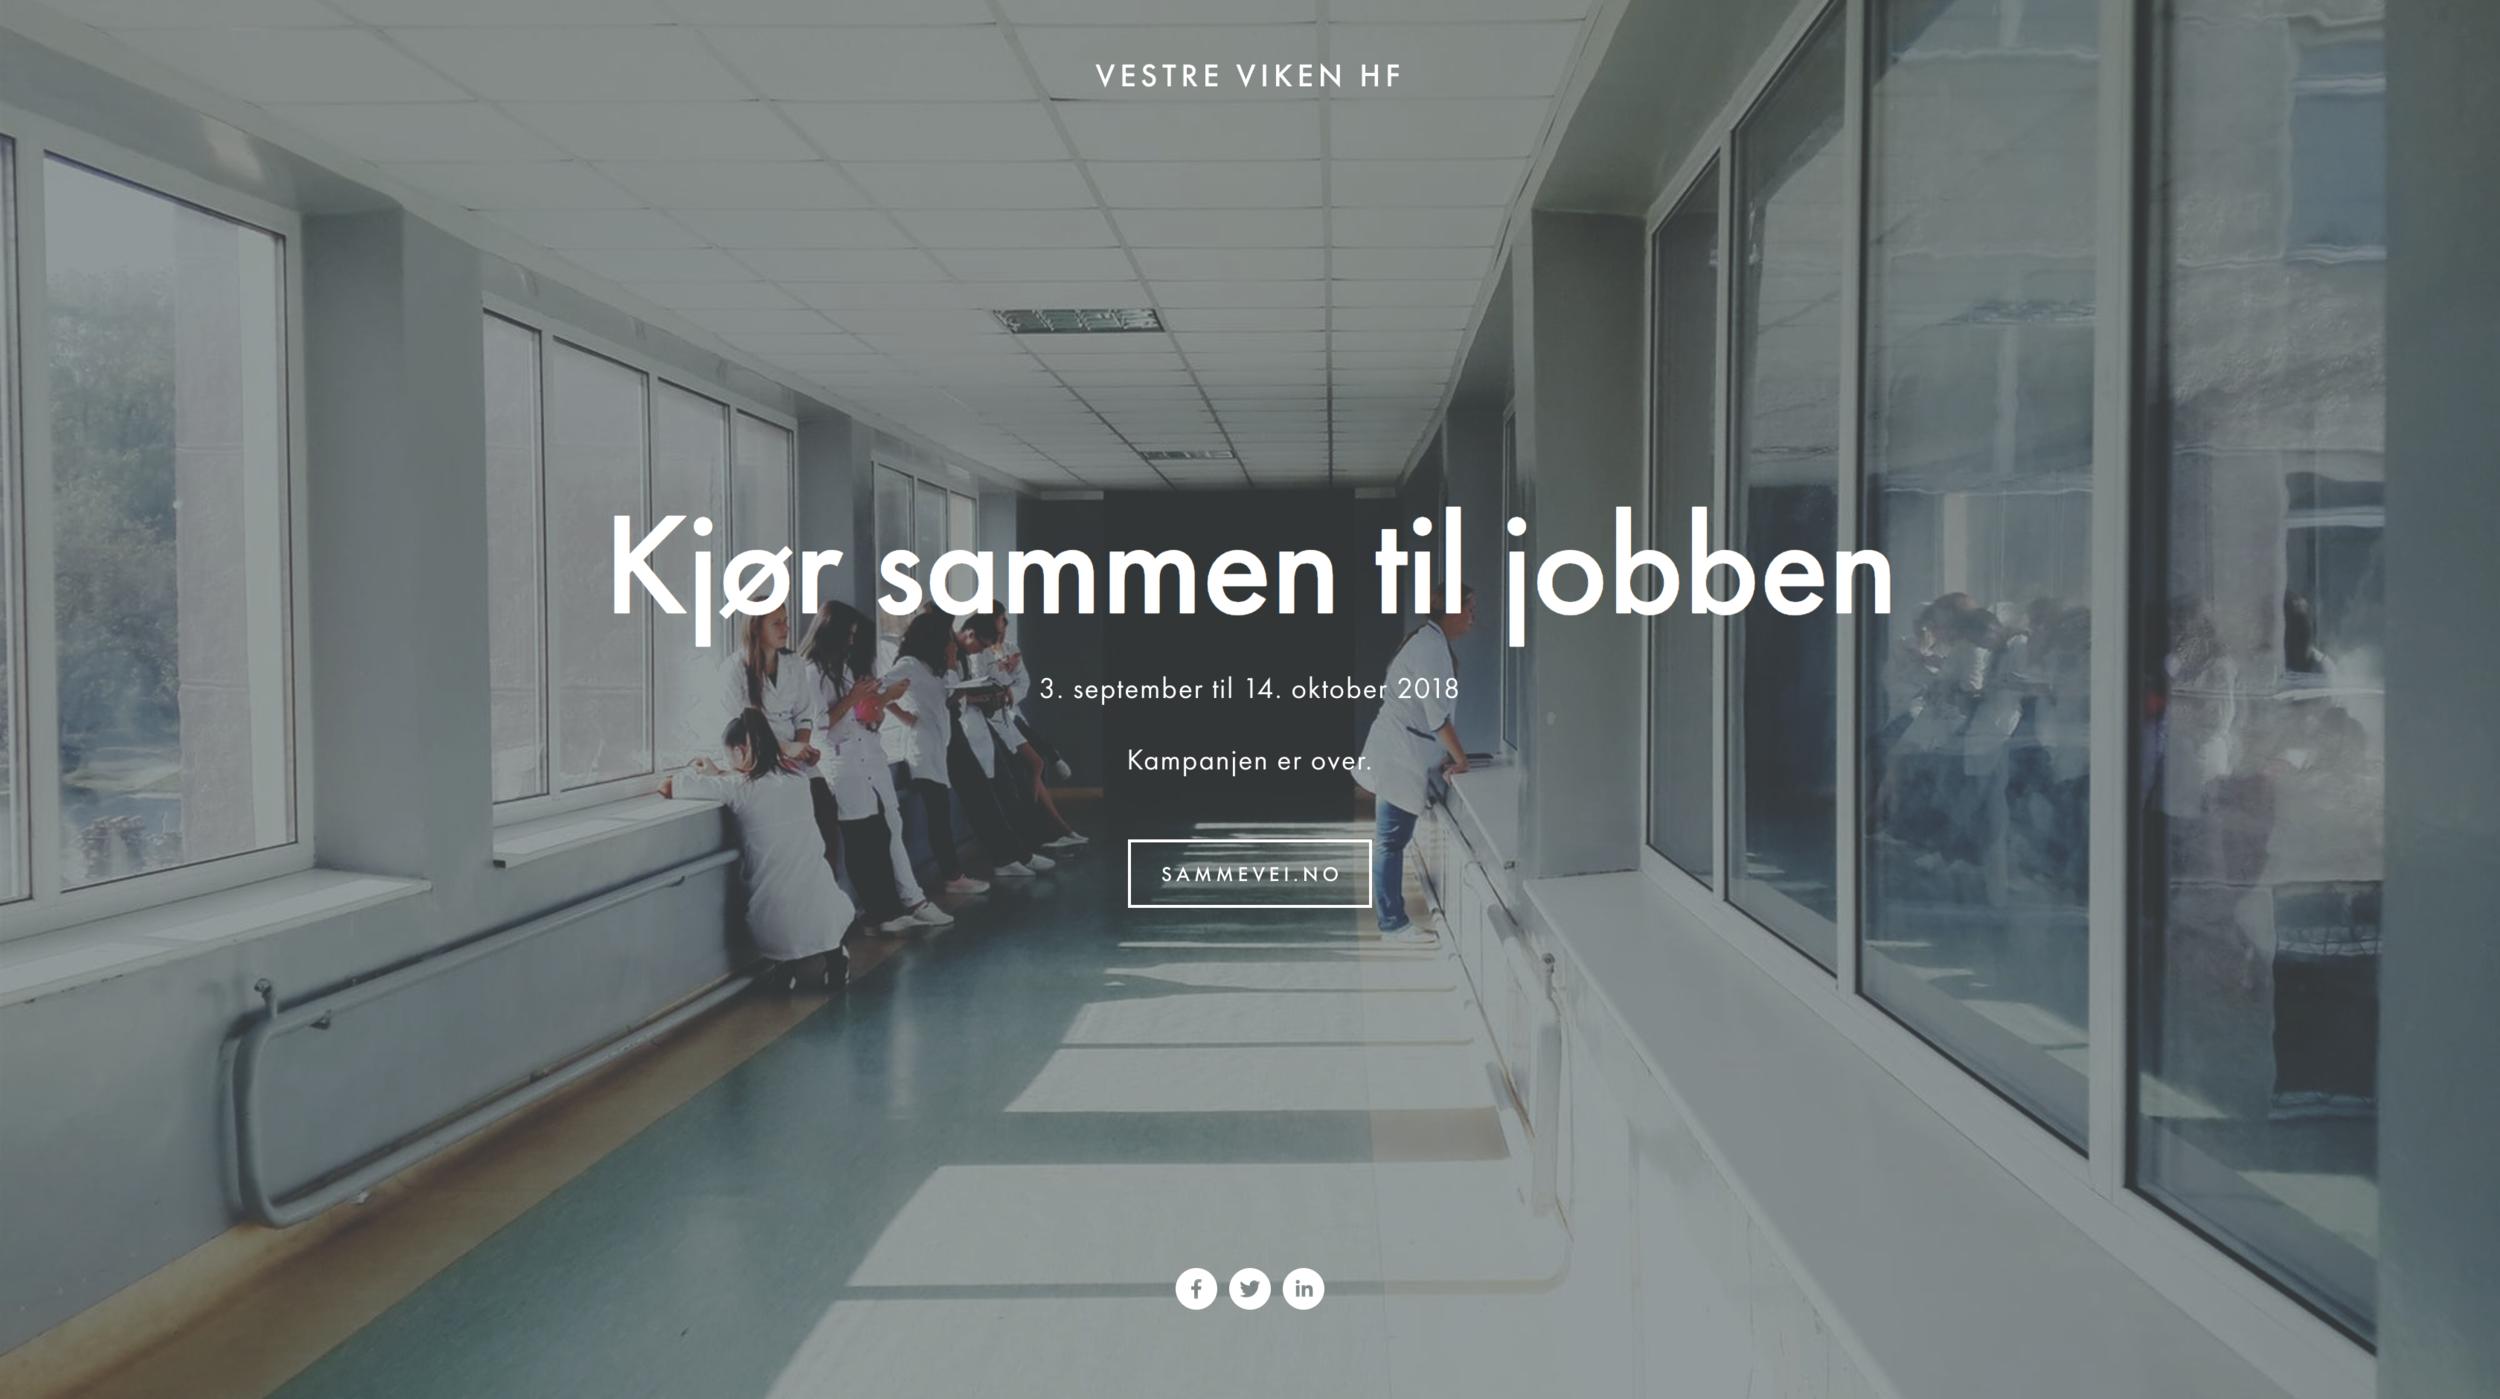 Vestre Viken HF - 03.09. til 14.10.2018